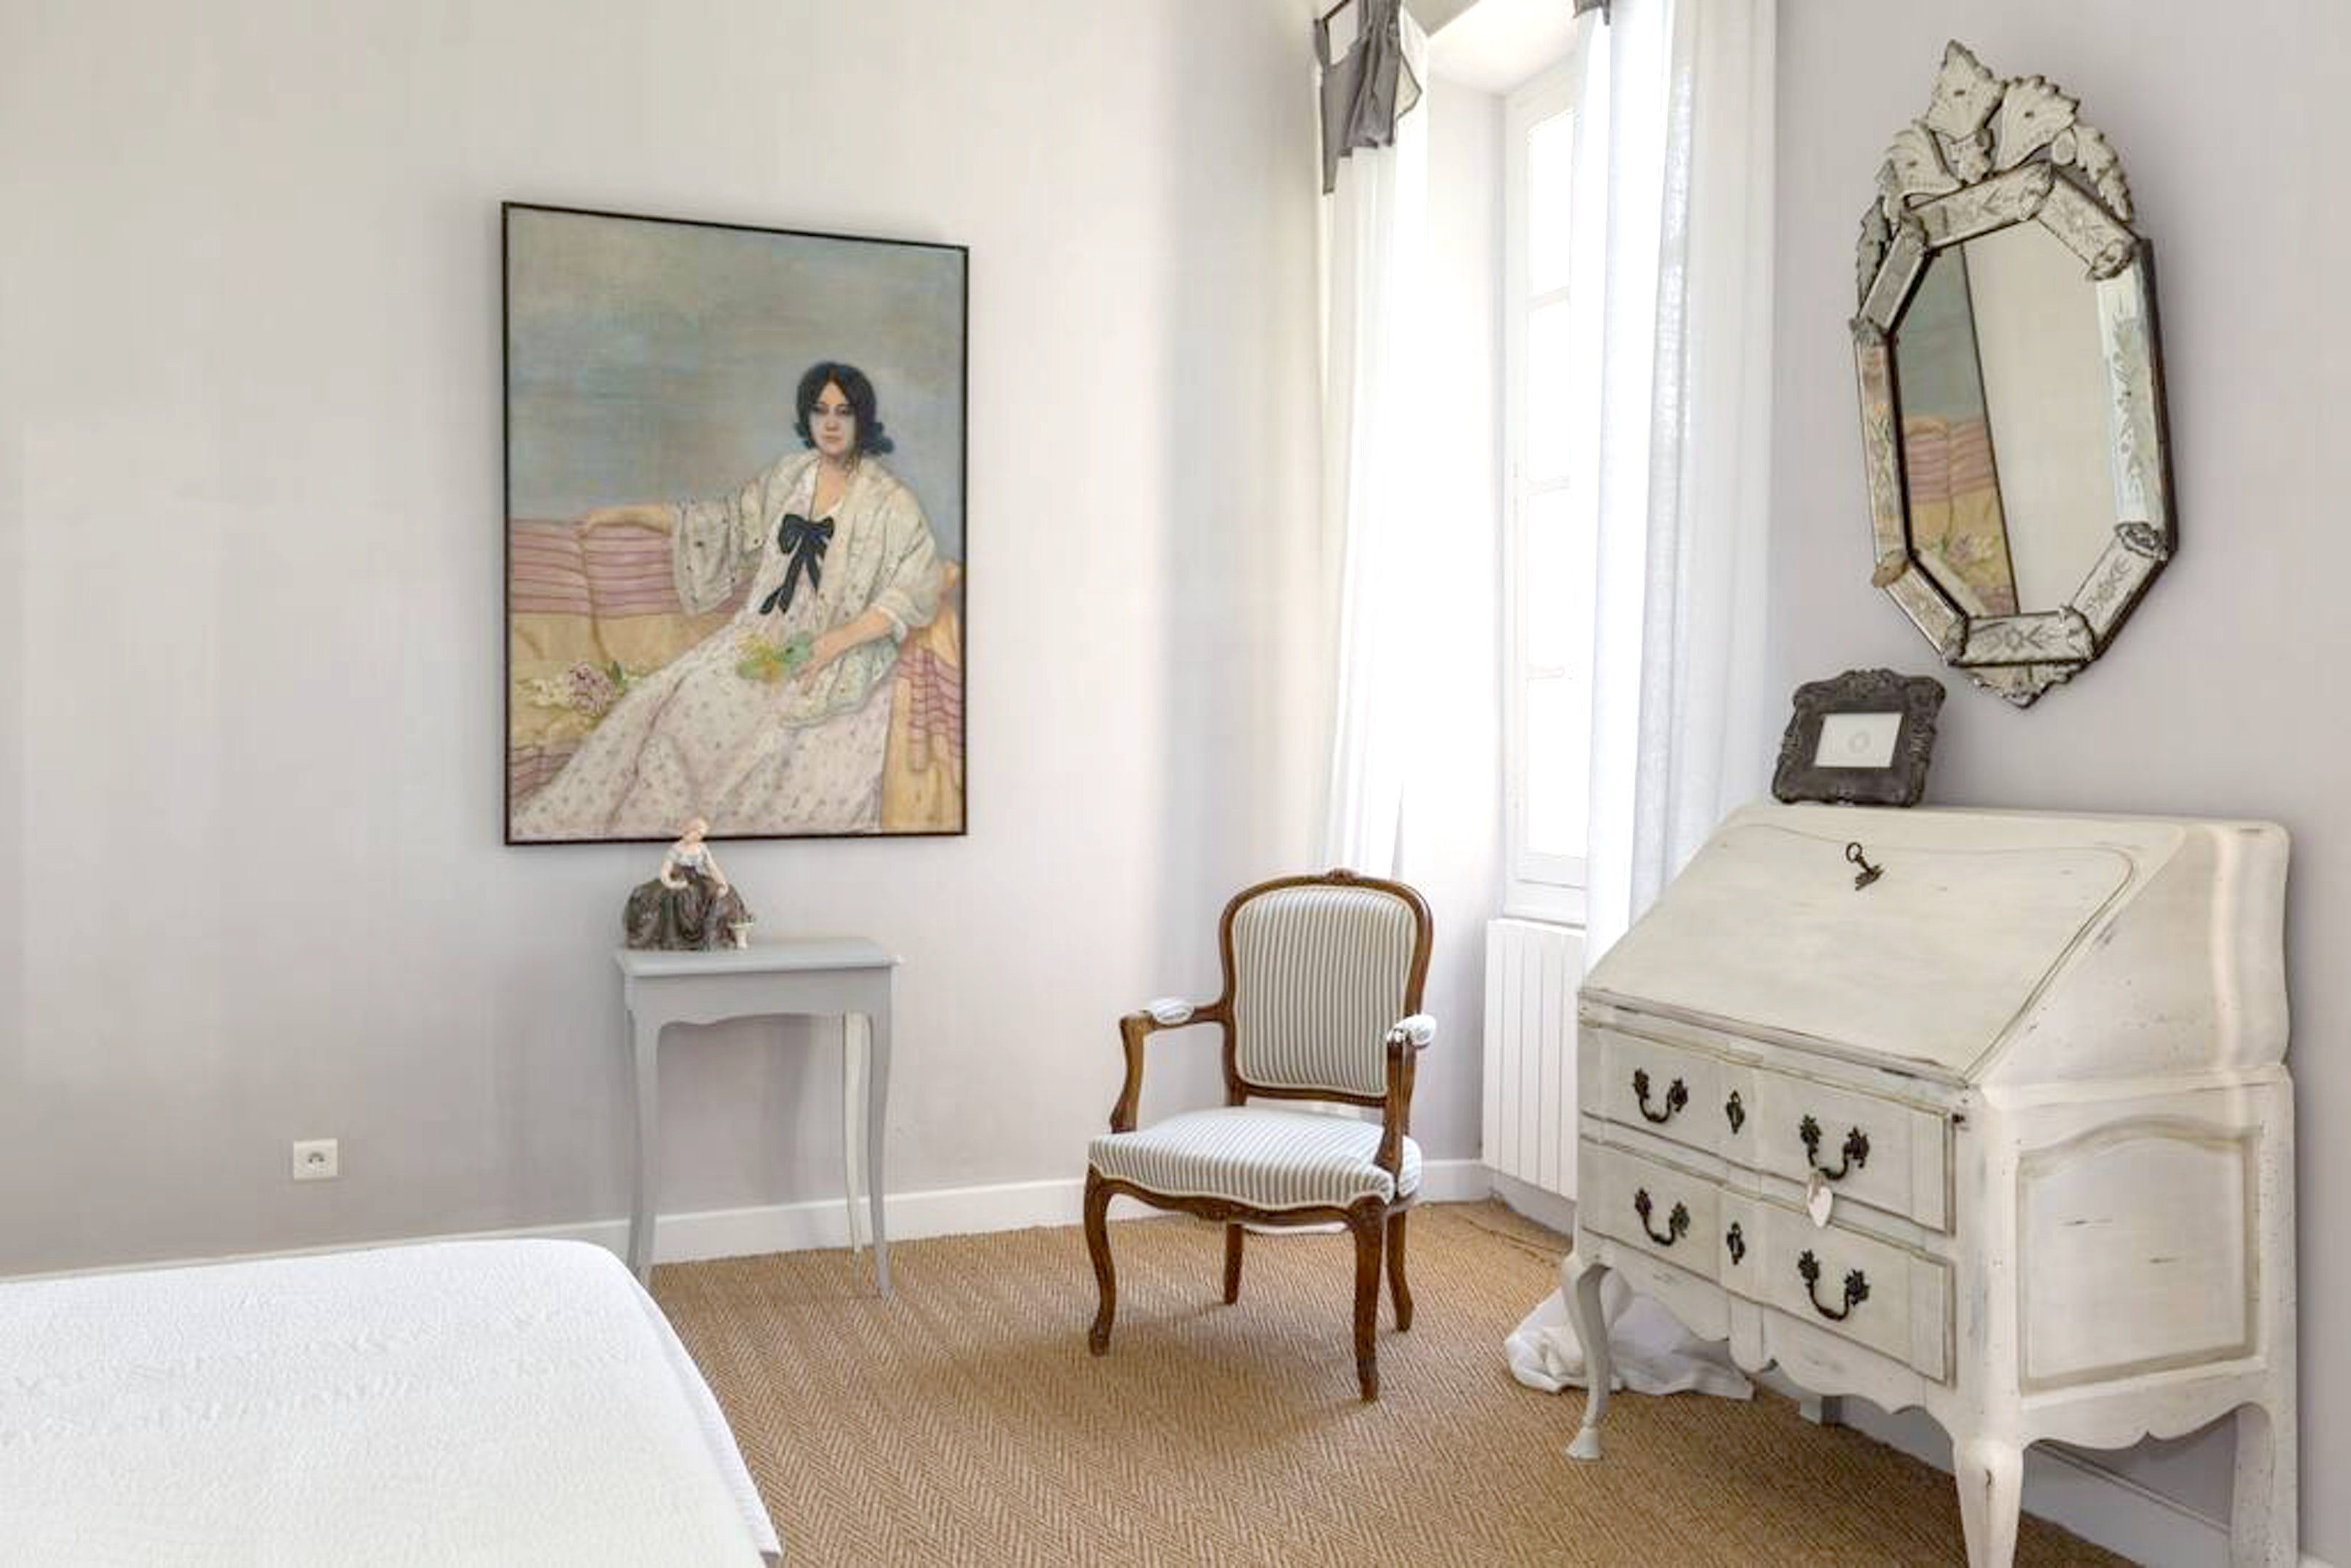 Maison de vacances Villa mit 6 Schlafzimmern in L'Isle-sur-la-Sorgue mit privatem Pool, möbliertem Garten und (2647203), L'Isle sur la Sorgue, Vaucluse, Provence - Alpes - Côte d'Azur, France, image 28